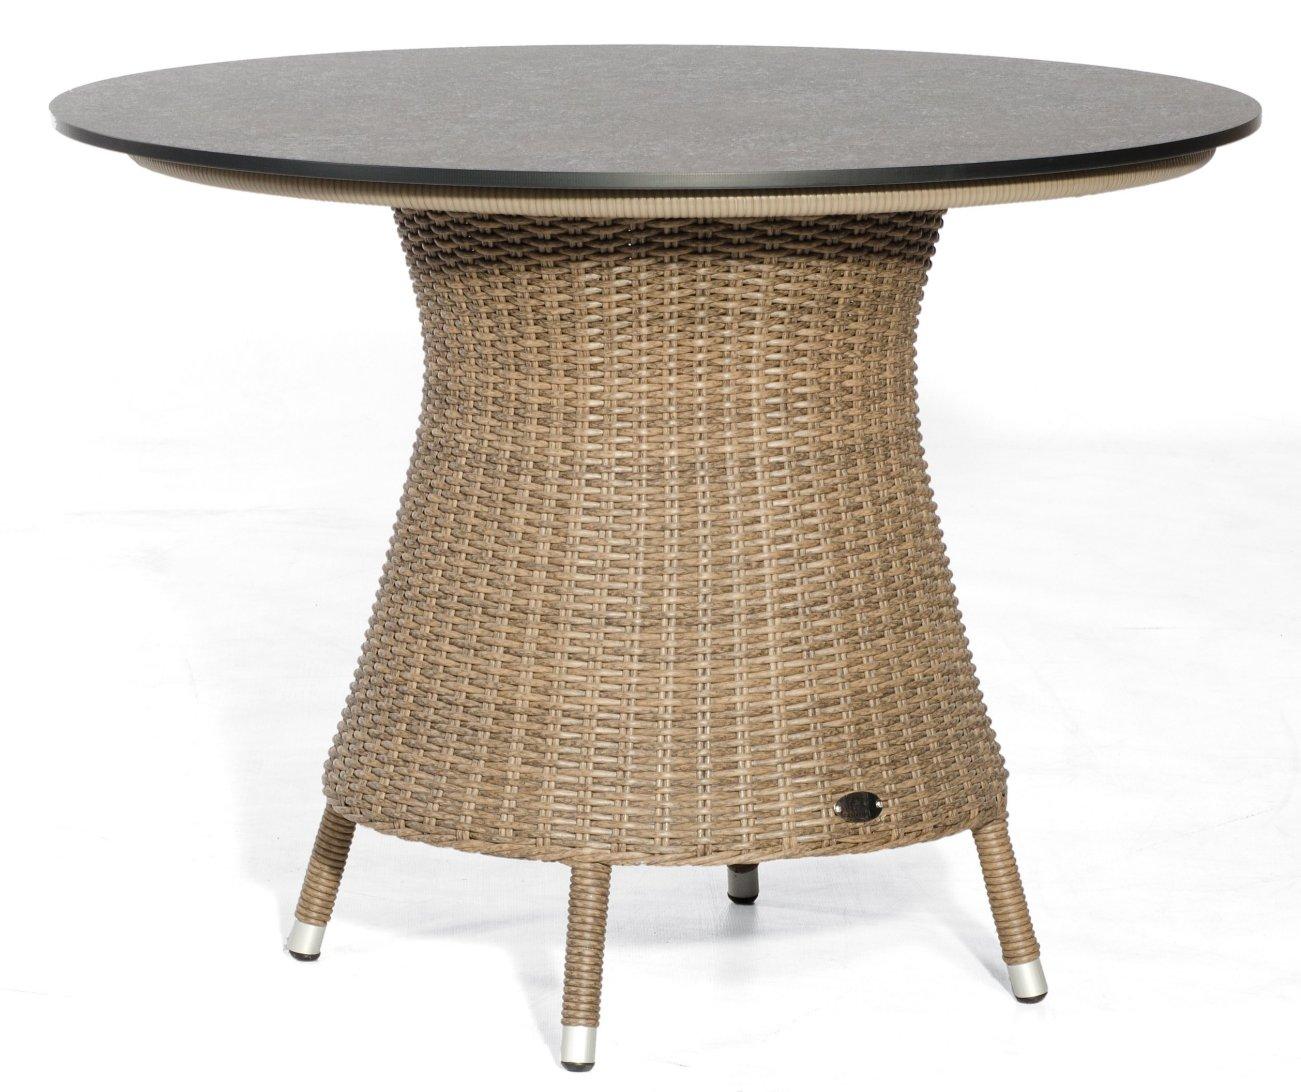 Gartentisch Runde Hpl Tischplatte Durchmesser 100 Cm Beflochtetem